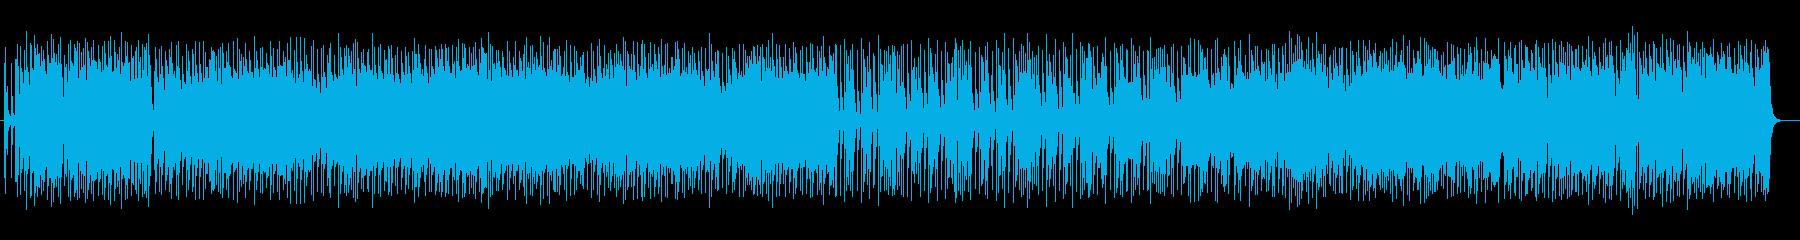 かっこいいギターソロのあるポップスの再生済みの波形